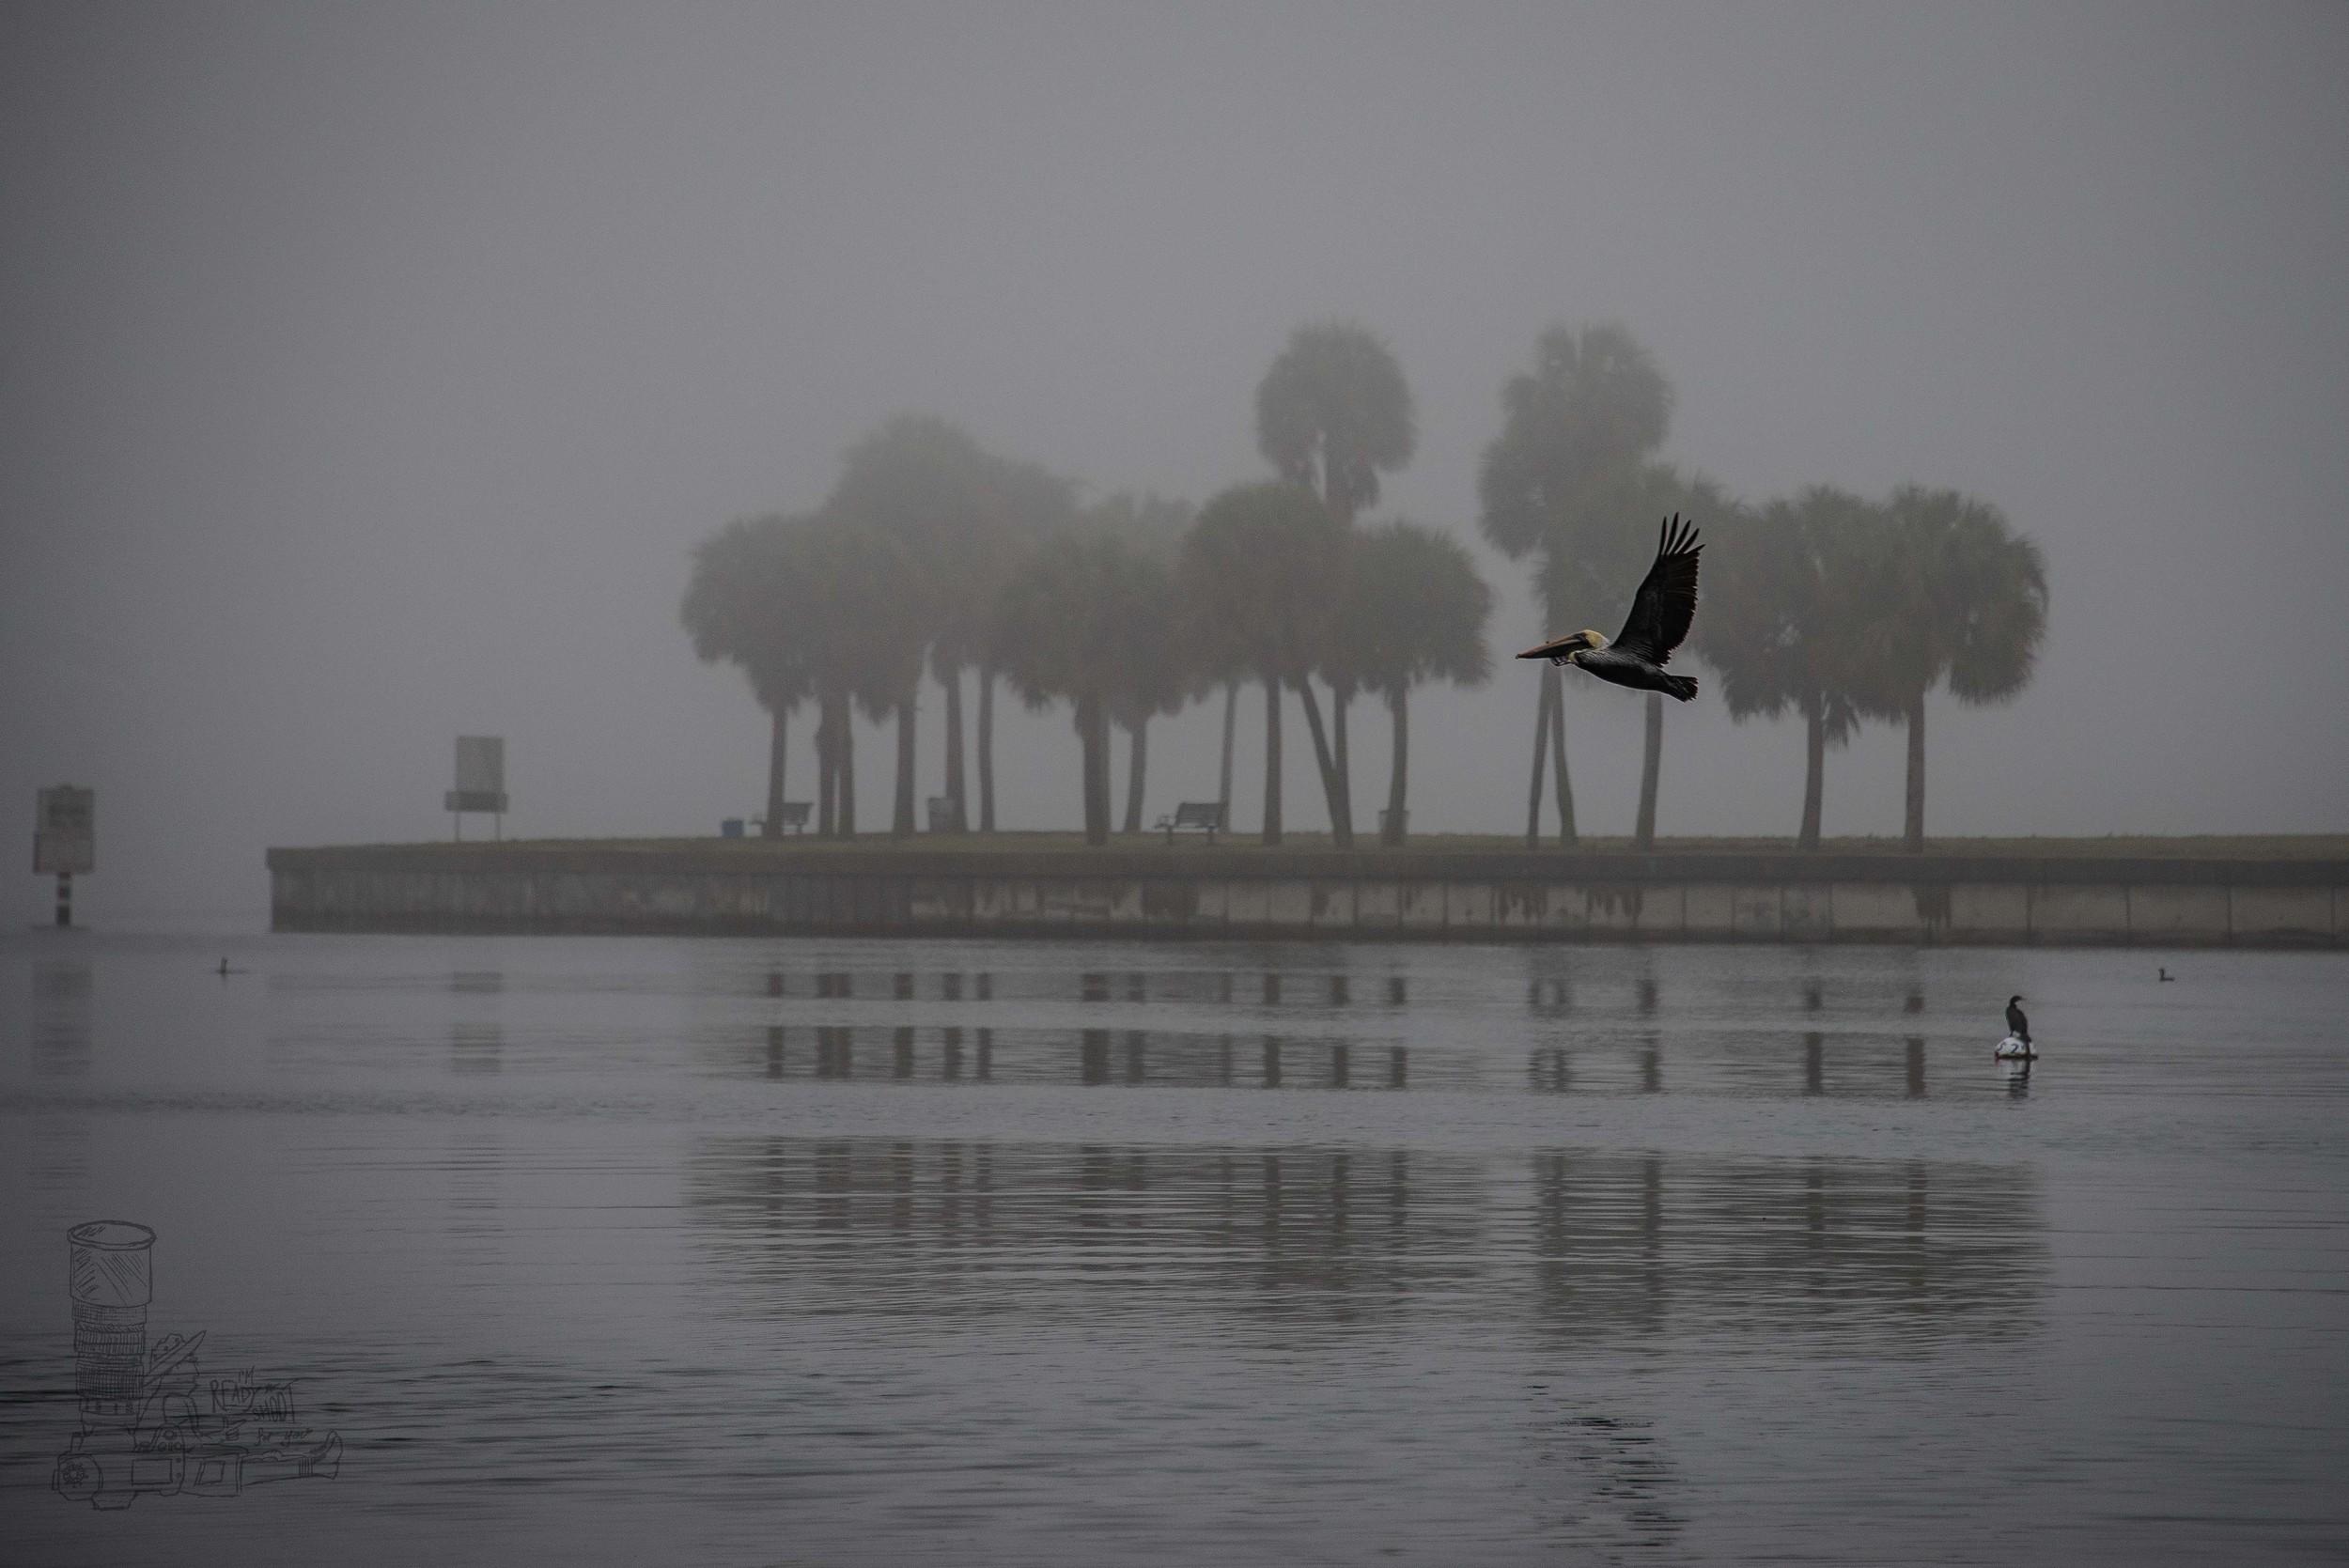 St Petersburg Fog